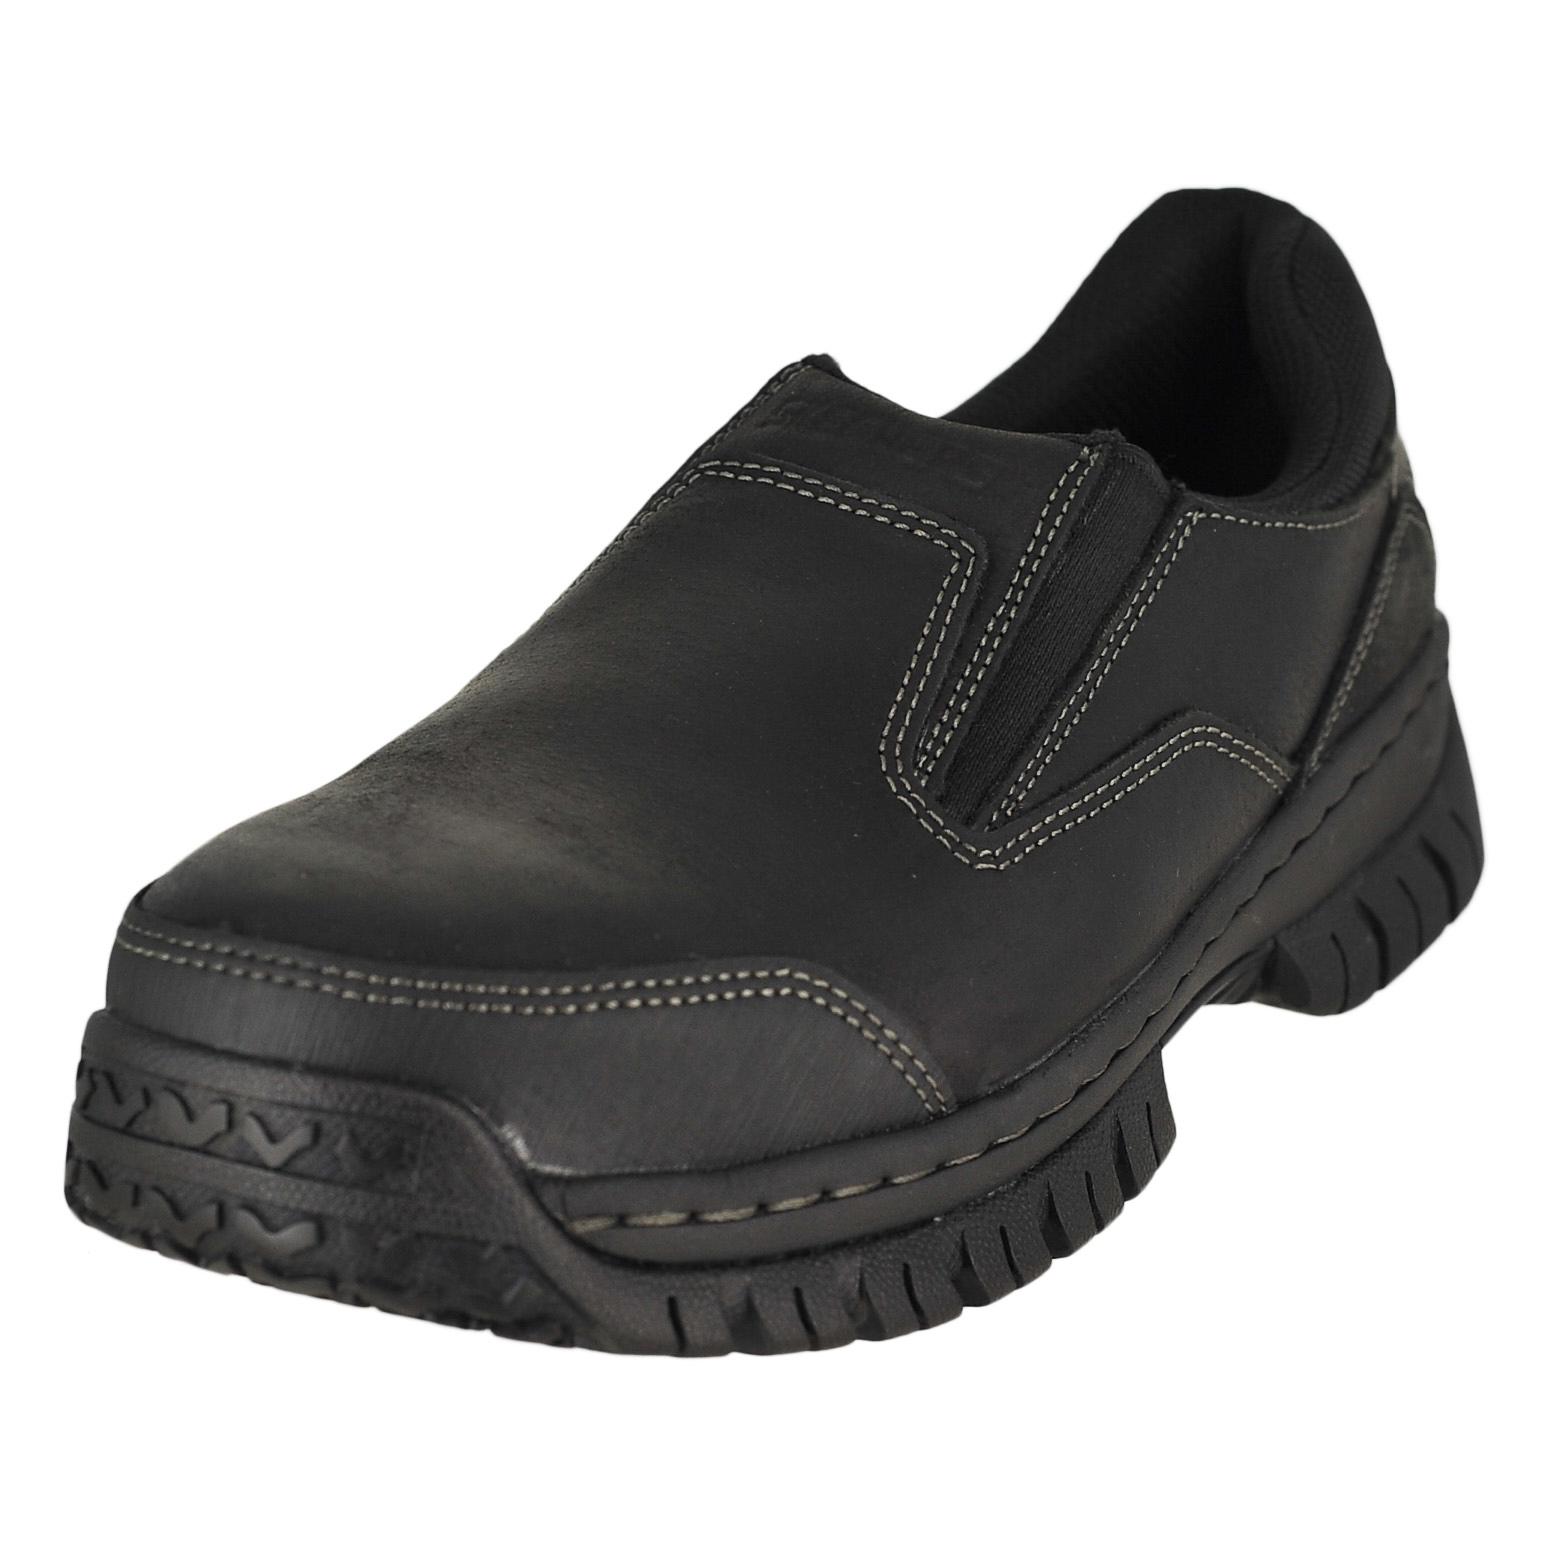 Steel Toe Sketcher Tennis Shoes